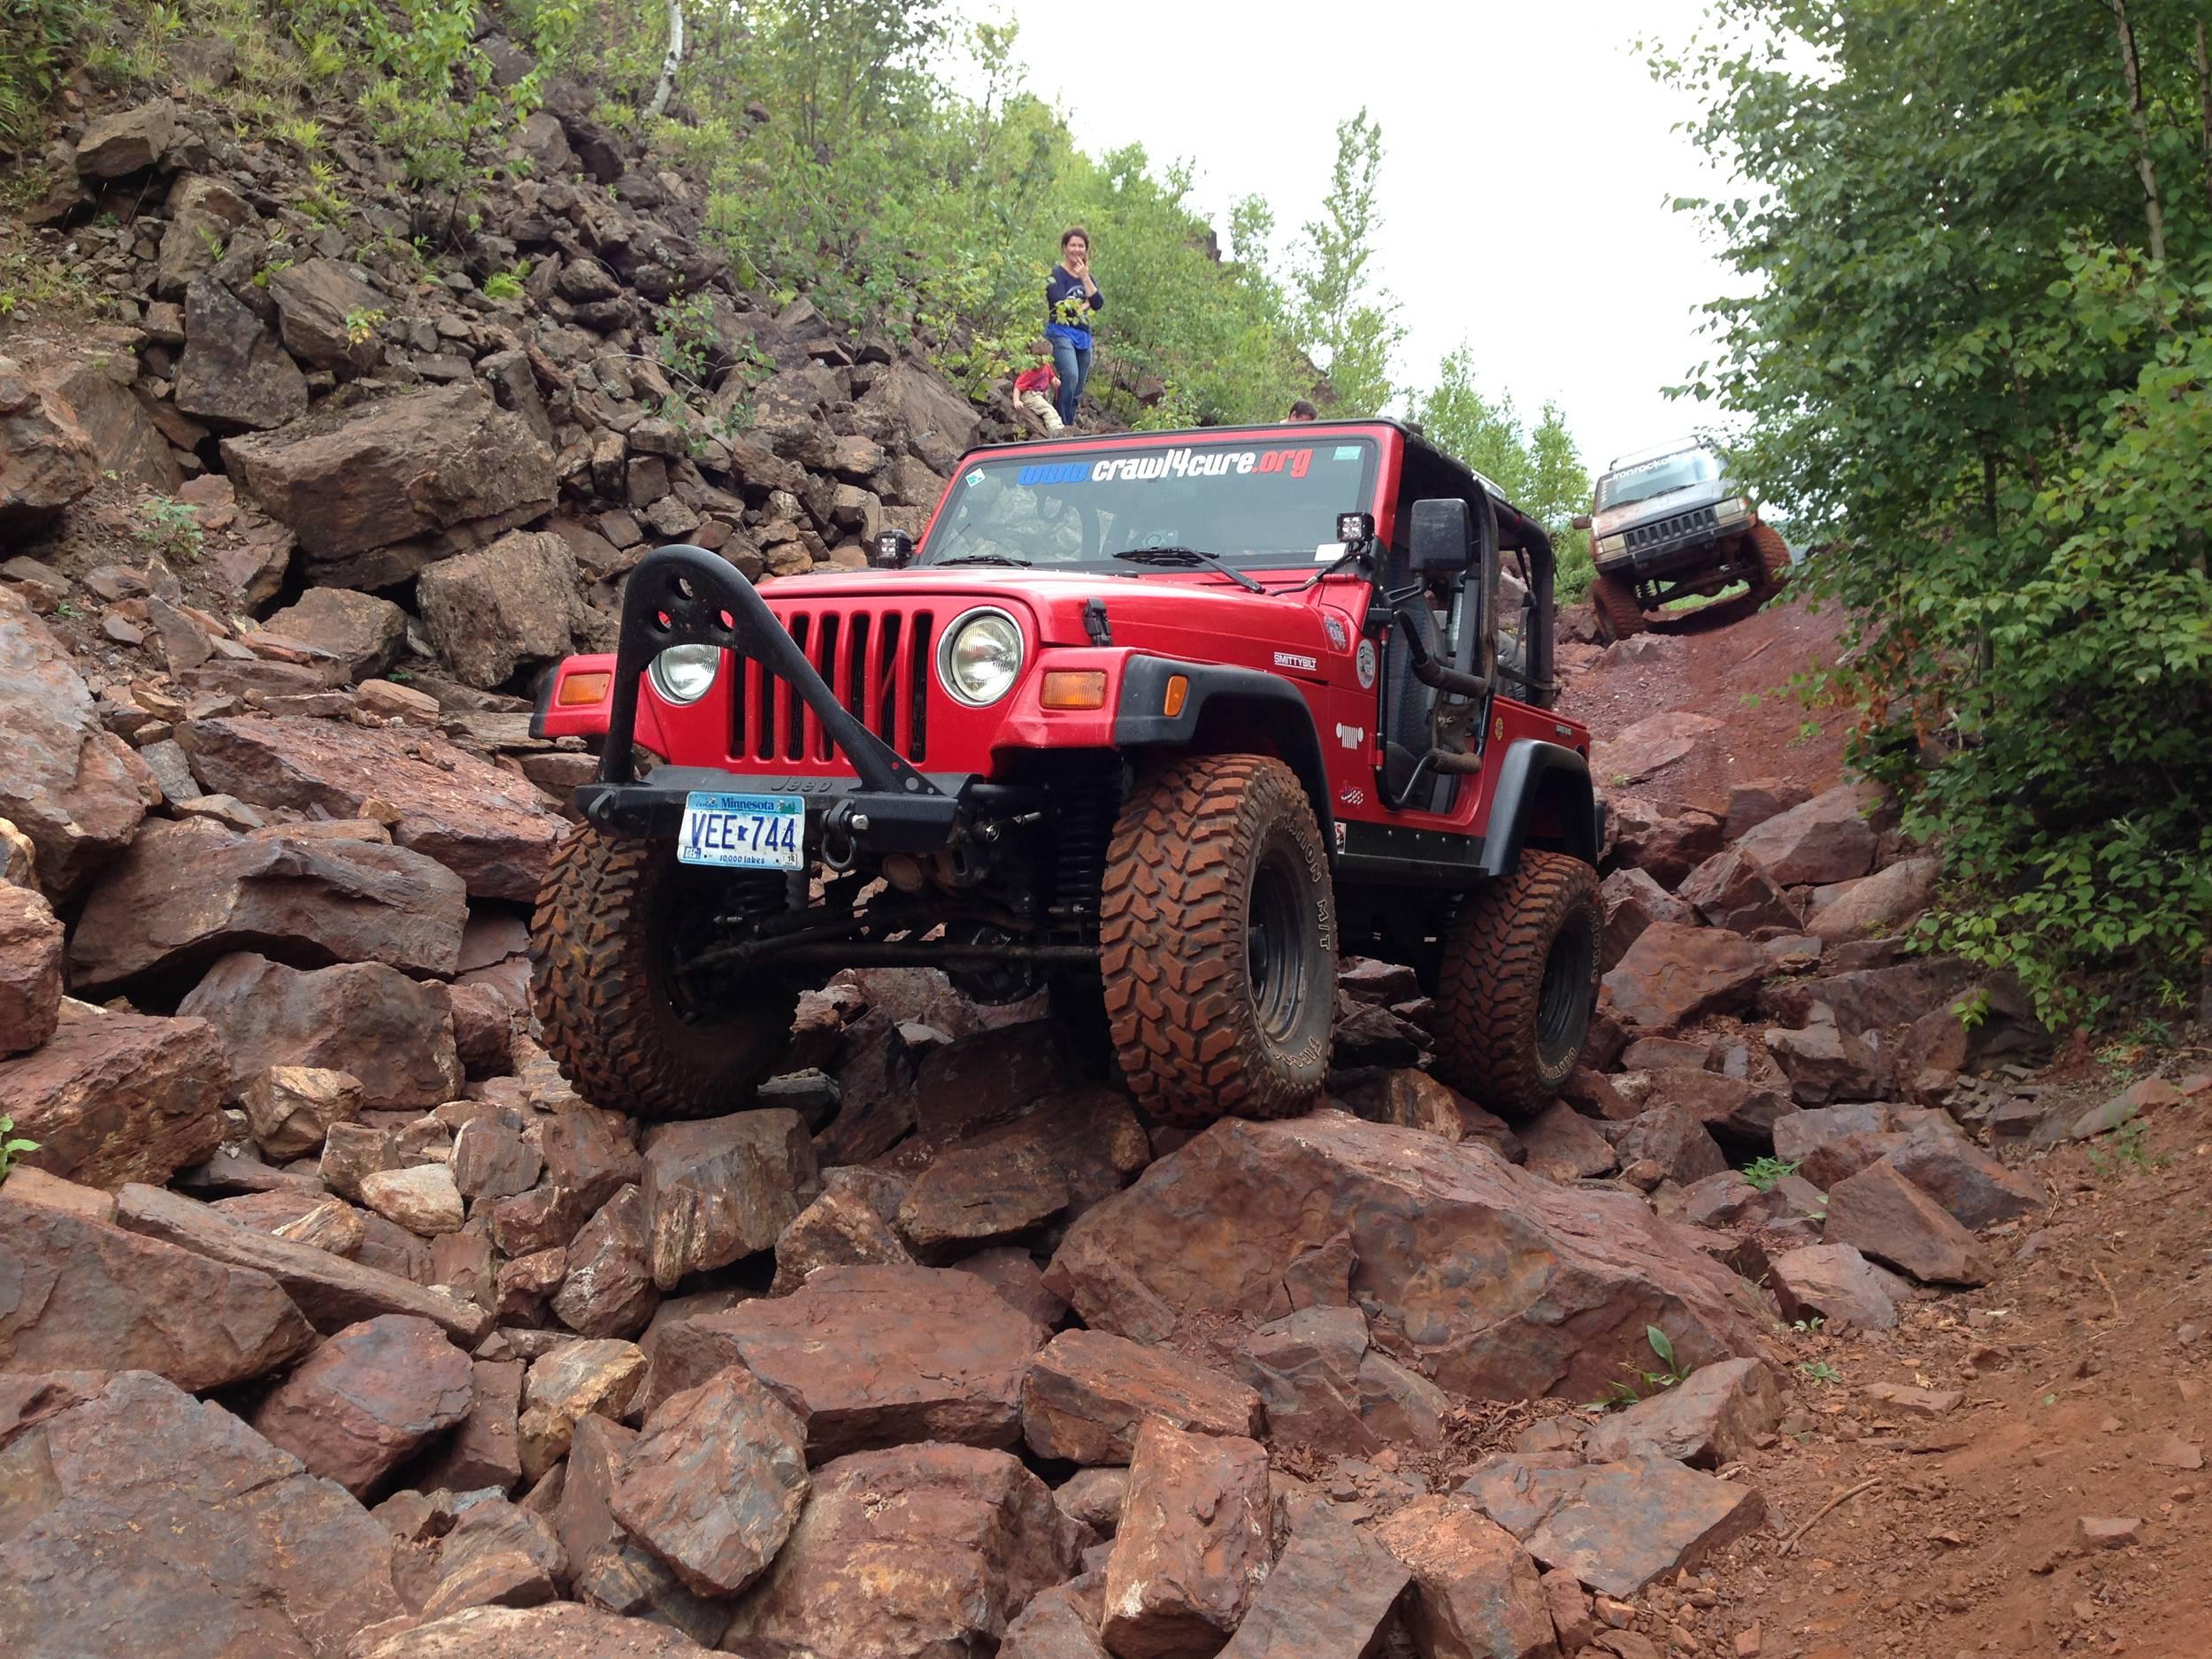 Jeep_pics_0551.JPG